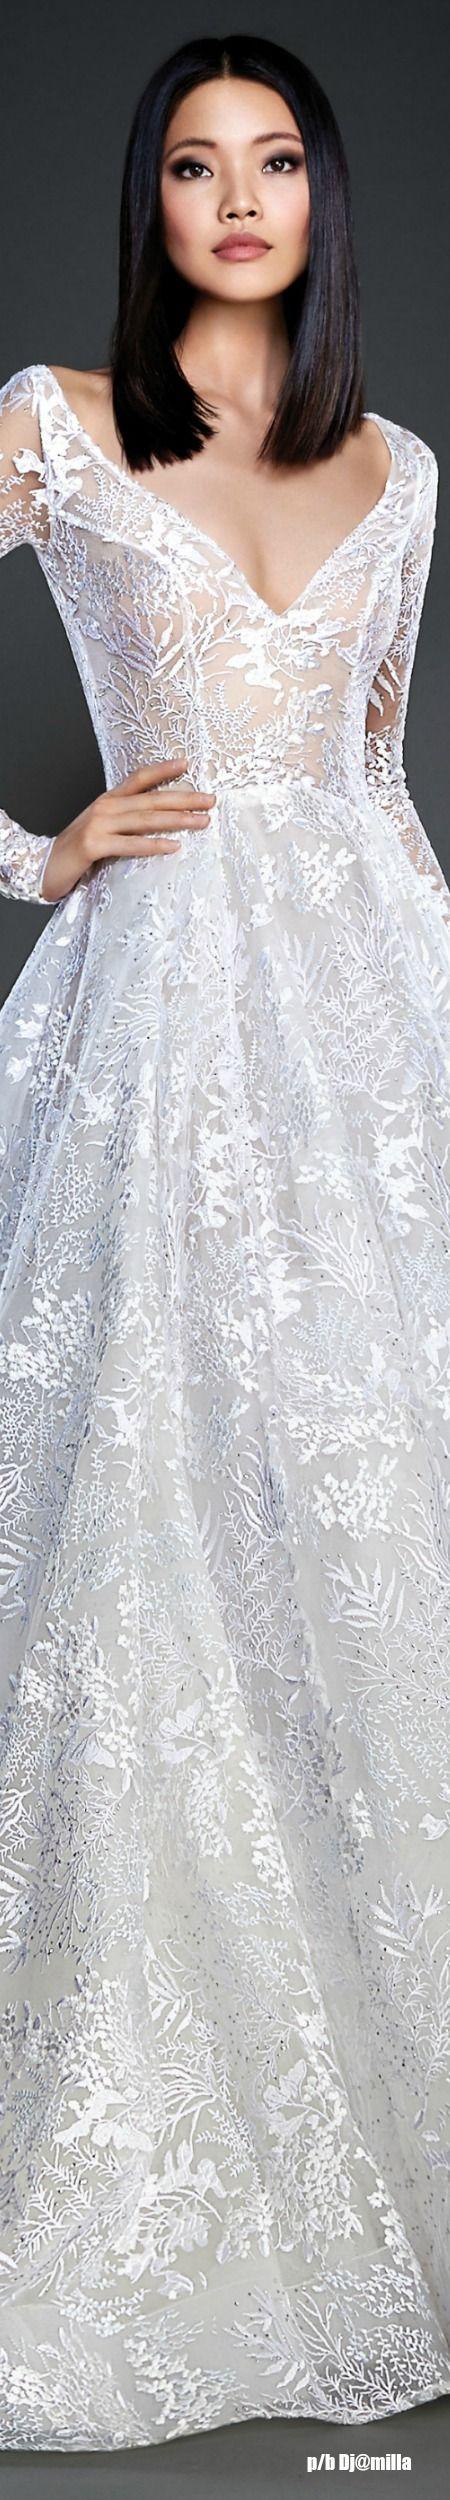 The 25 best lazaro bridal ideas on pinterest lazaro dresses lazaro bridal gowns spring 2017 ombrellifo Choice Image